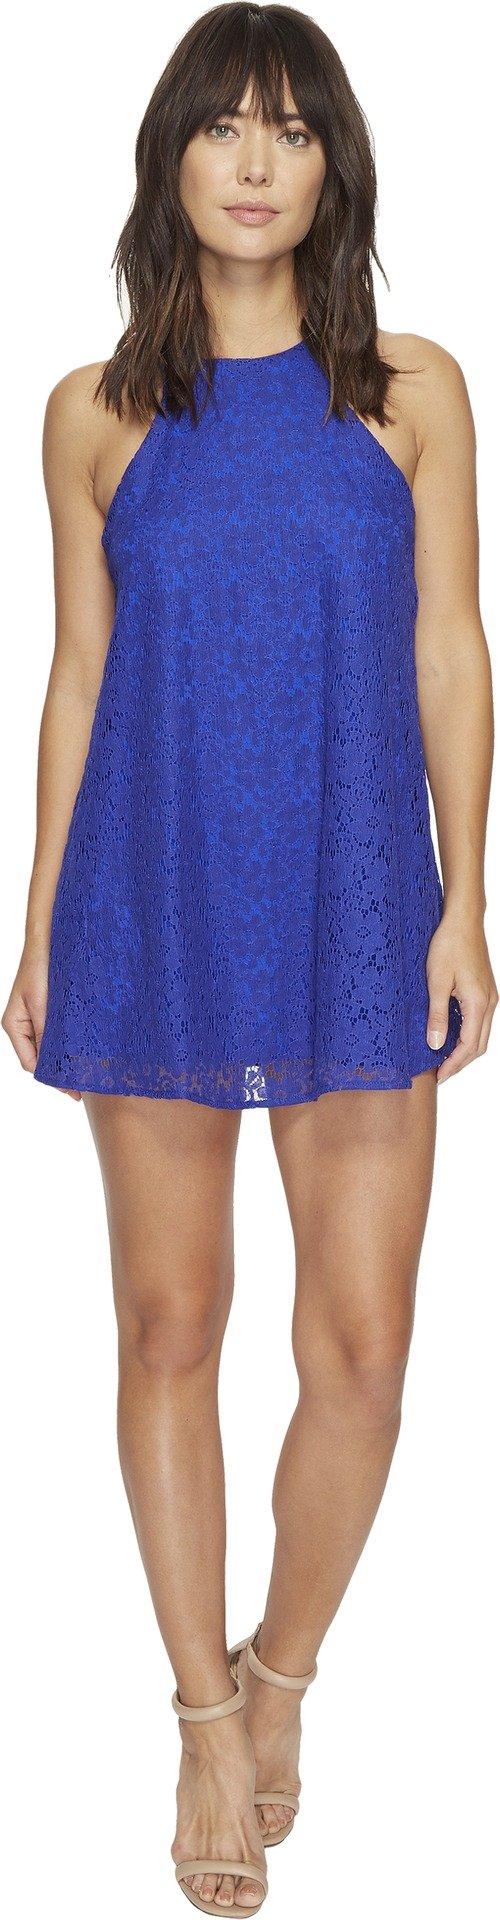 Lucy Love Women's Charlie Dress Sapphire Dress